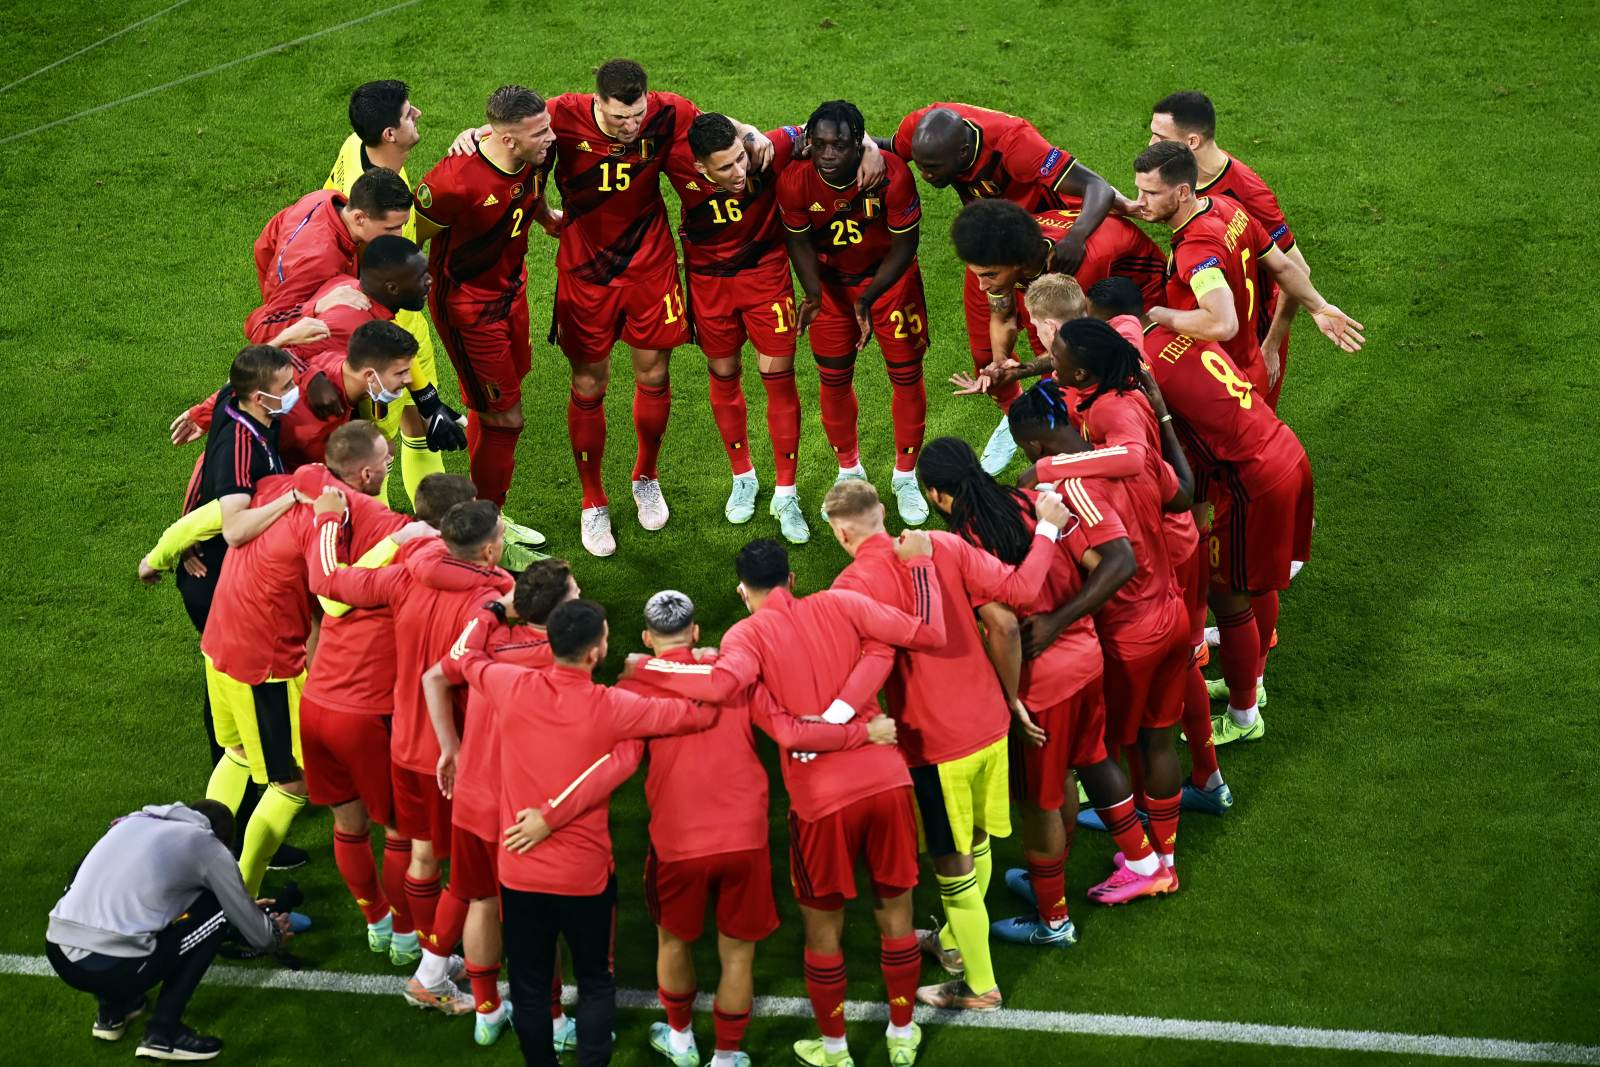 Деменко: «Бельгия показывает хороший красивый футбол, но ей не хватает какой-то концовки игры»